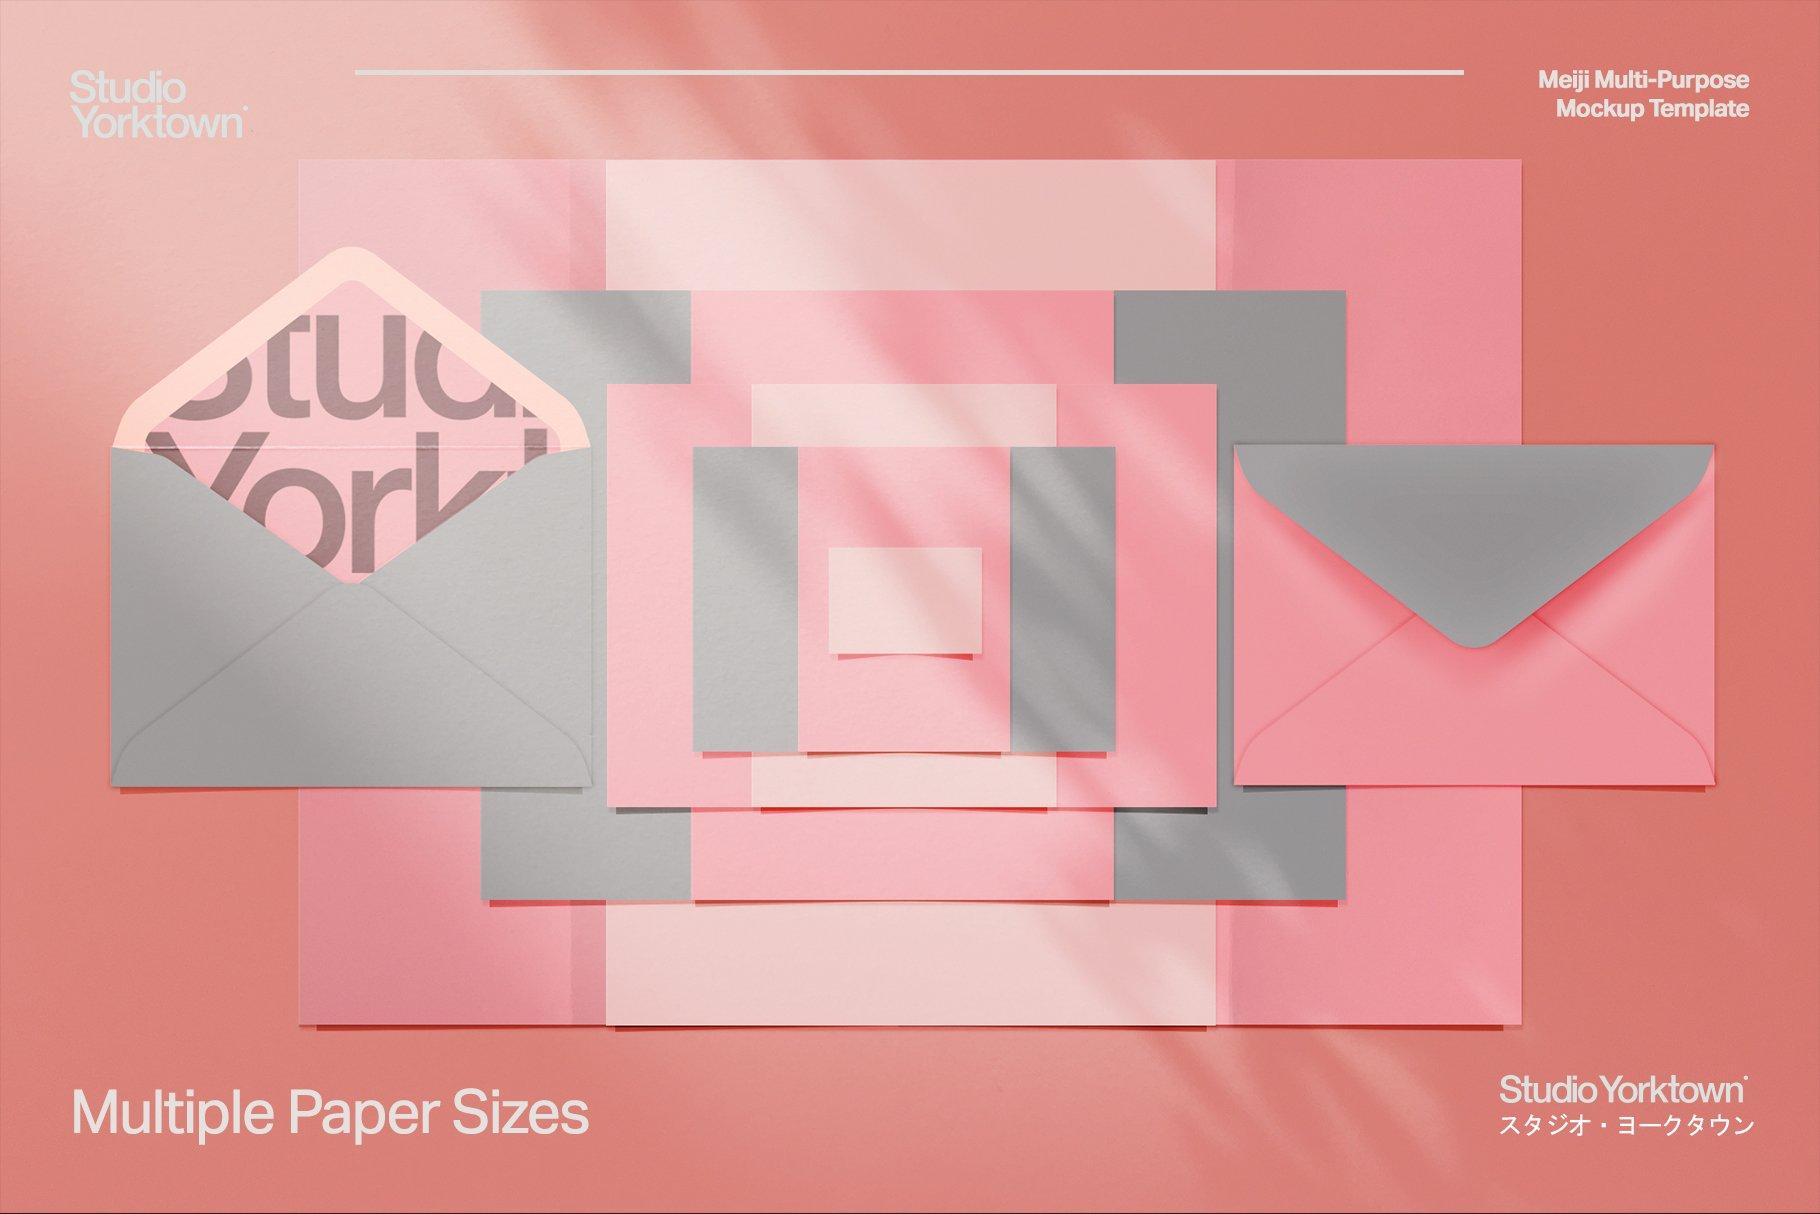 [淘宝购买] 潮流多功能压印铝箔虹彩效果办公用品场景样机套件 Meiji Multi Effect Mockup Template插图(18)